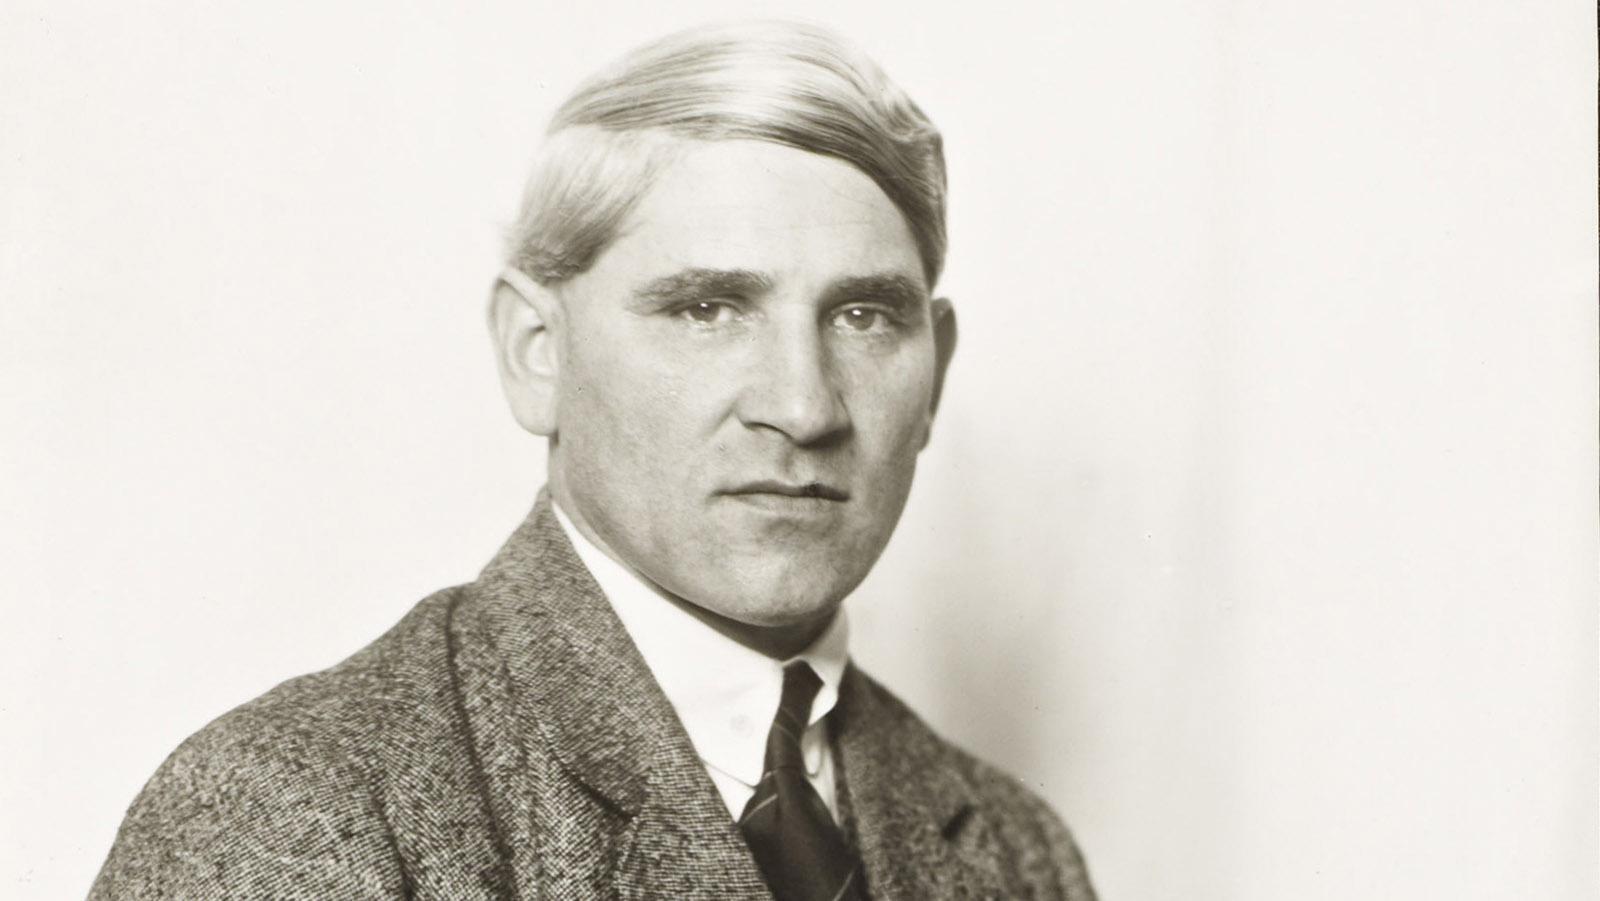 Otto Freundlich, aufgenommen von August Sander (1876-1964) © Tate © Die Photographische Sammlung/SK Stiftung Kultur-August Sander Archiv, Köln/Adagp, Paris 2020